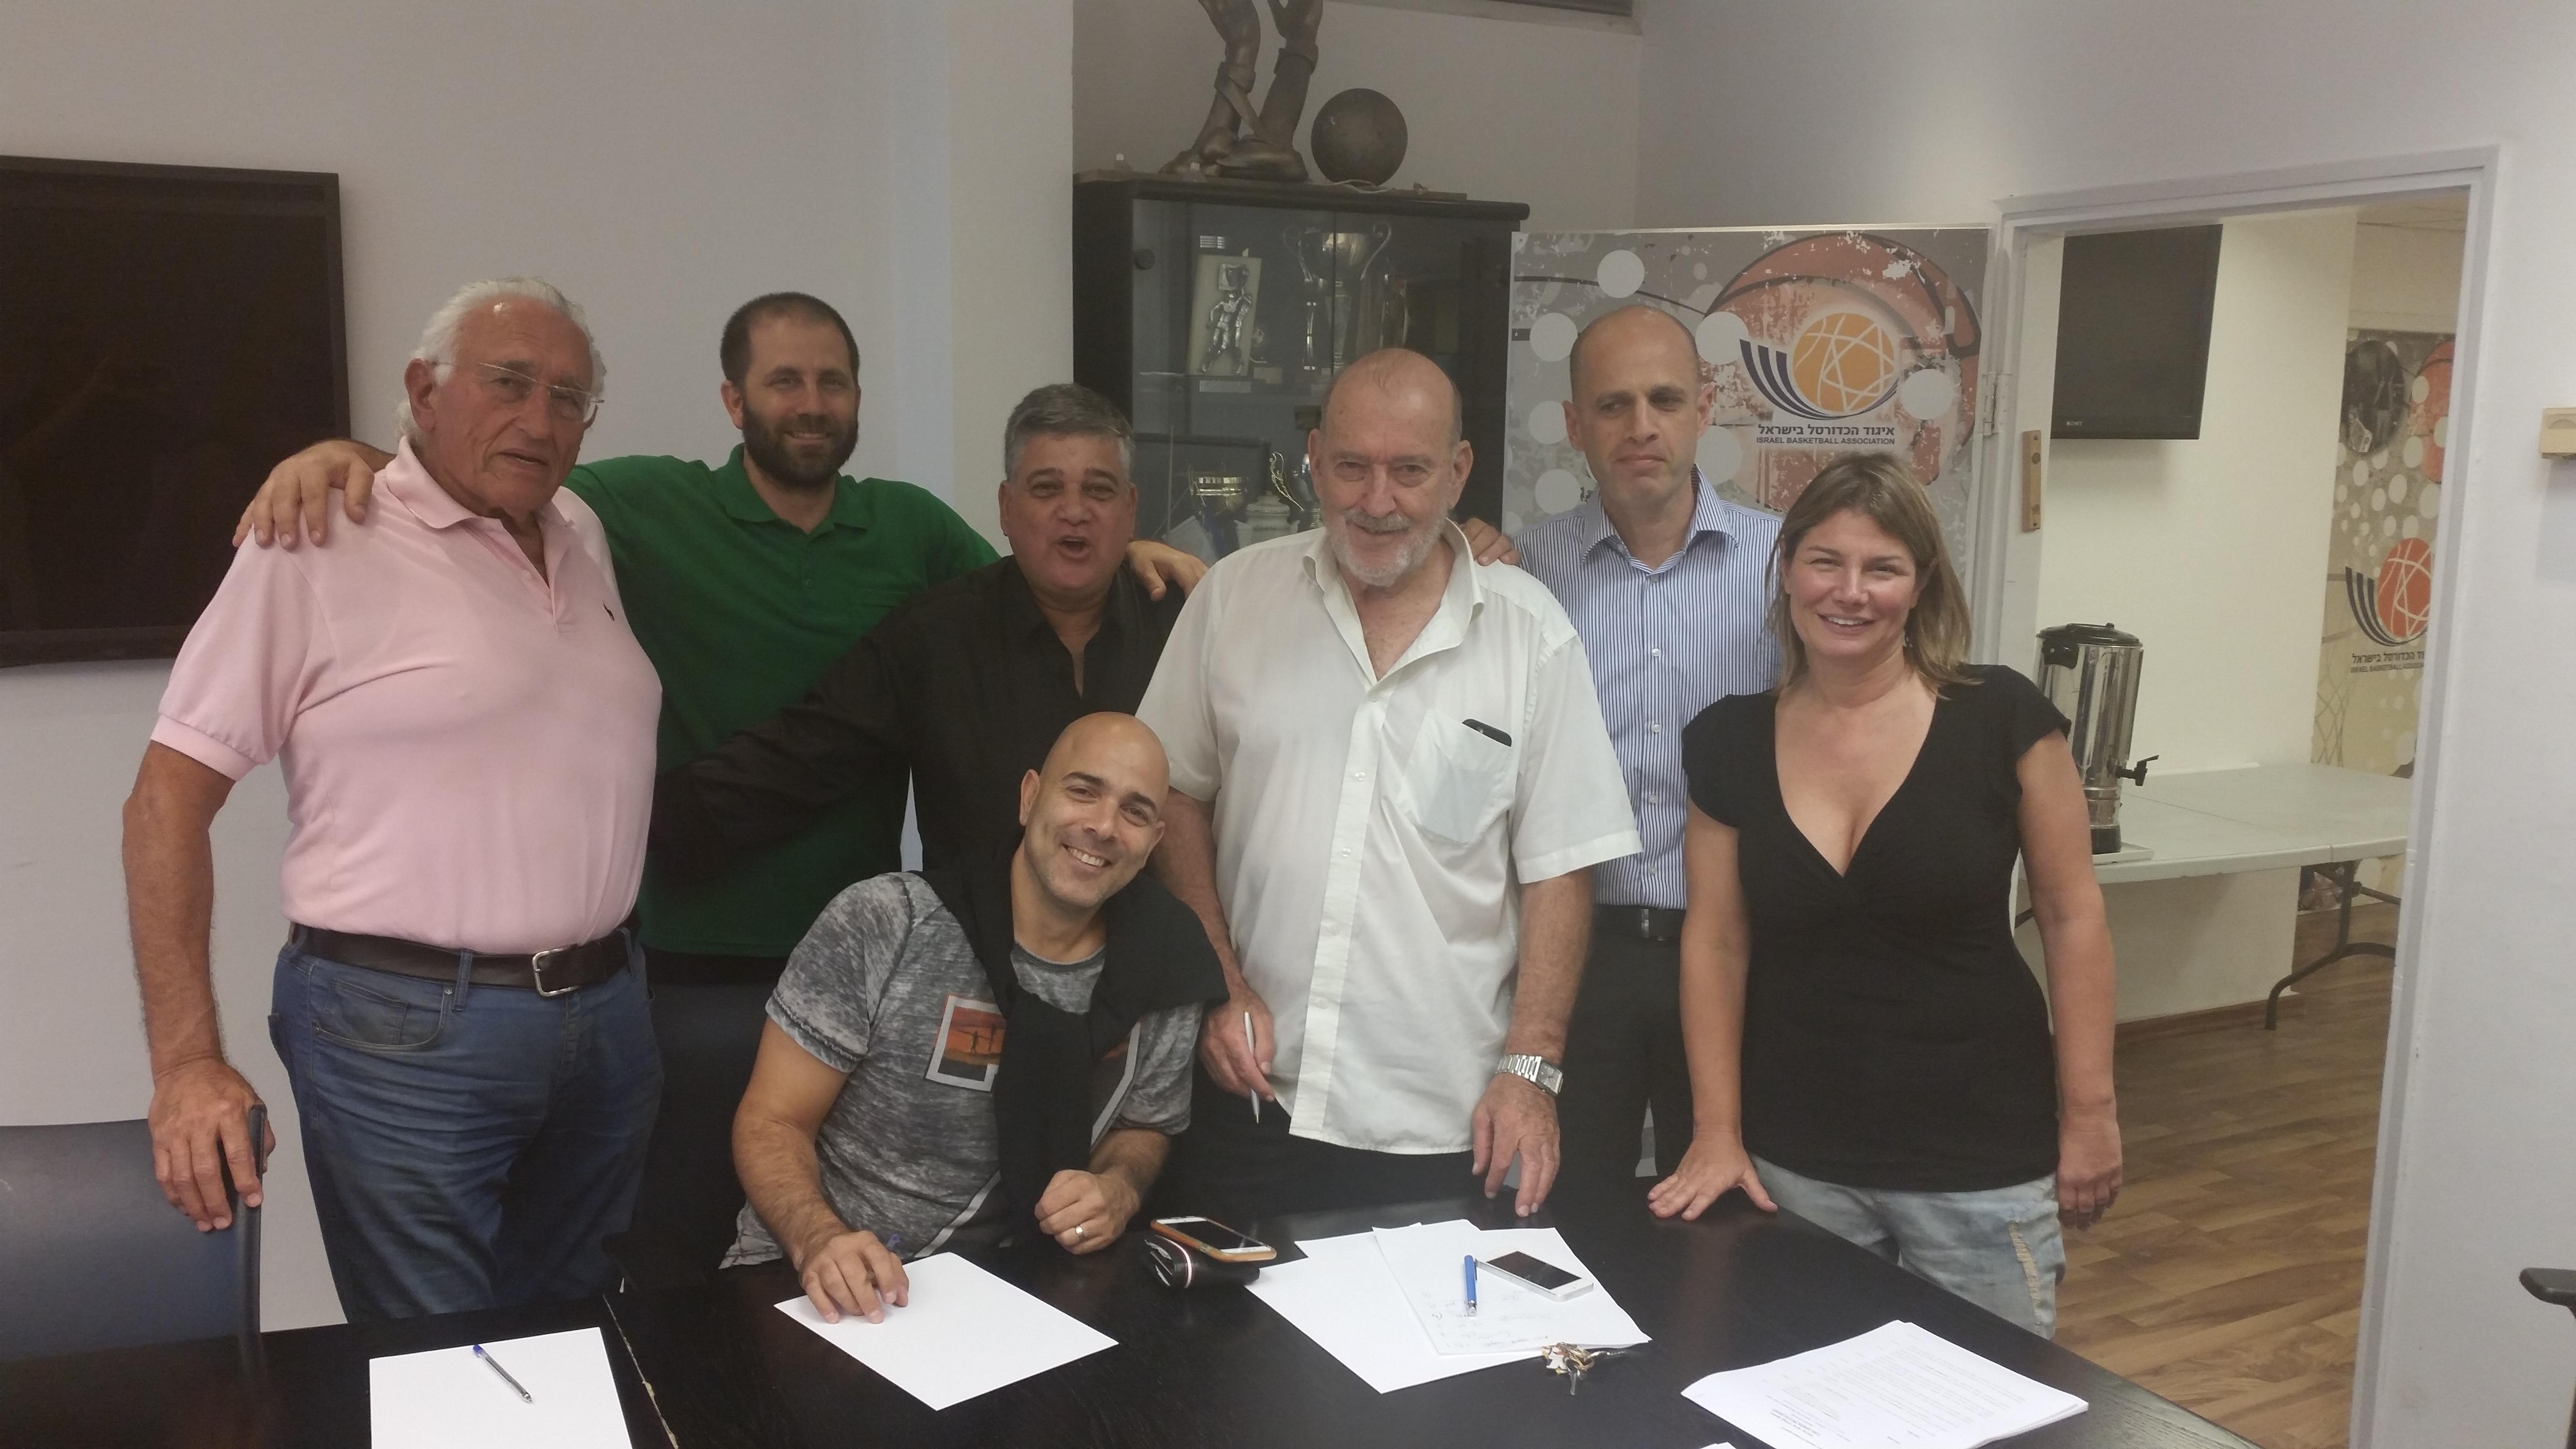 נחתם הסכם עבודה חדש עם סגל השופטים הבכיר ל-4 השנים הקרובות